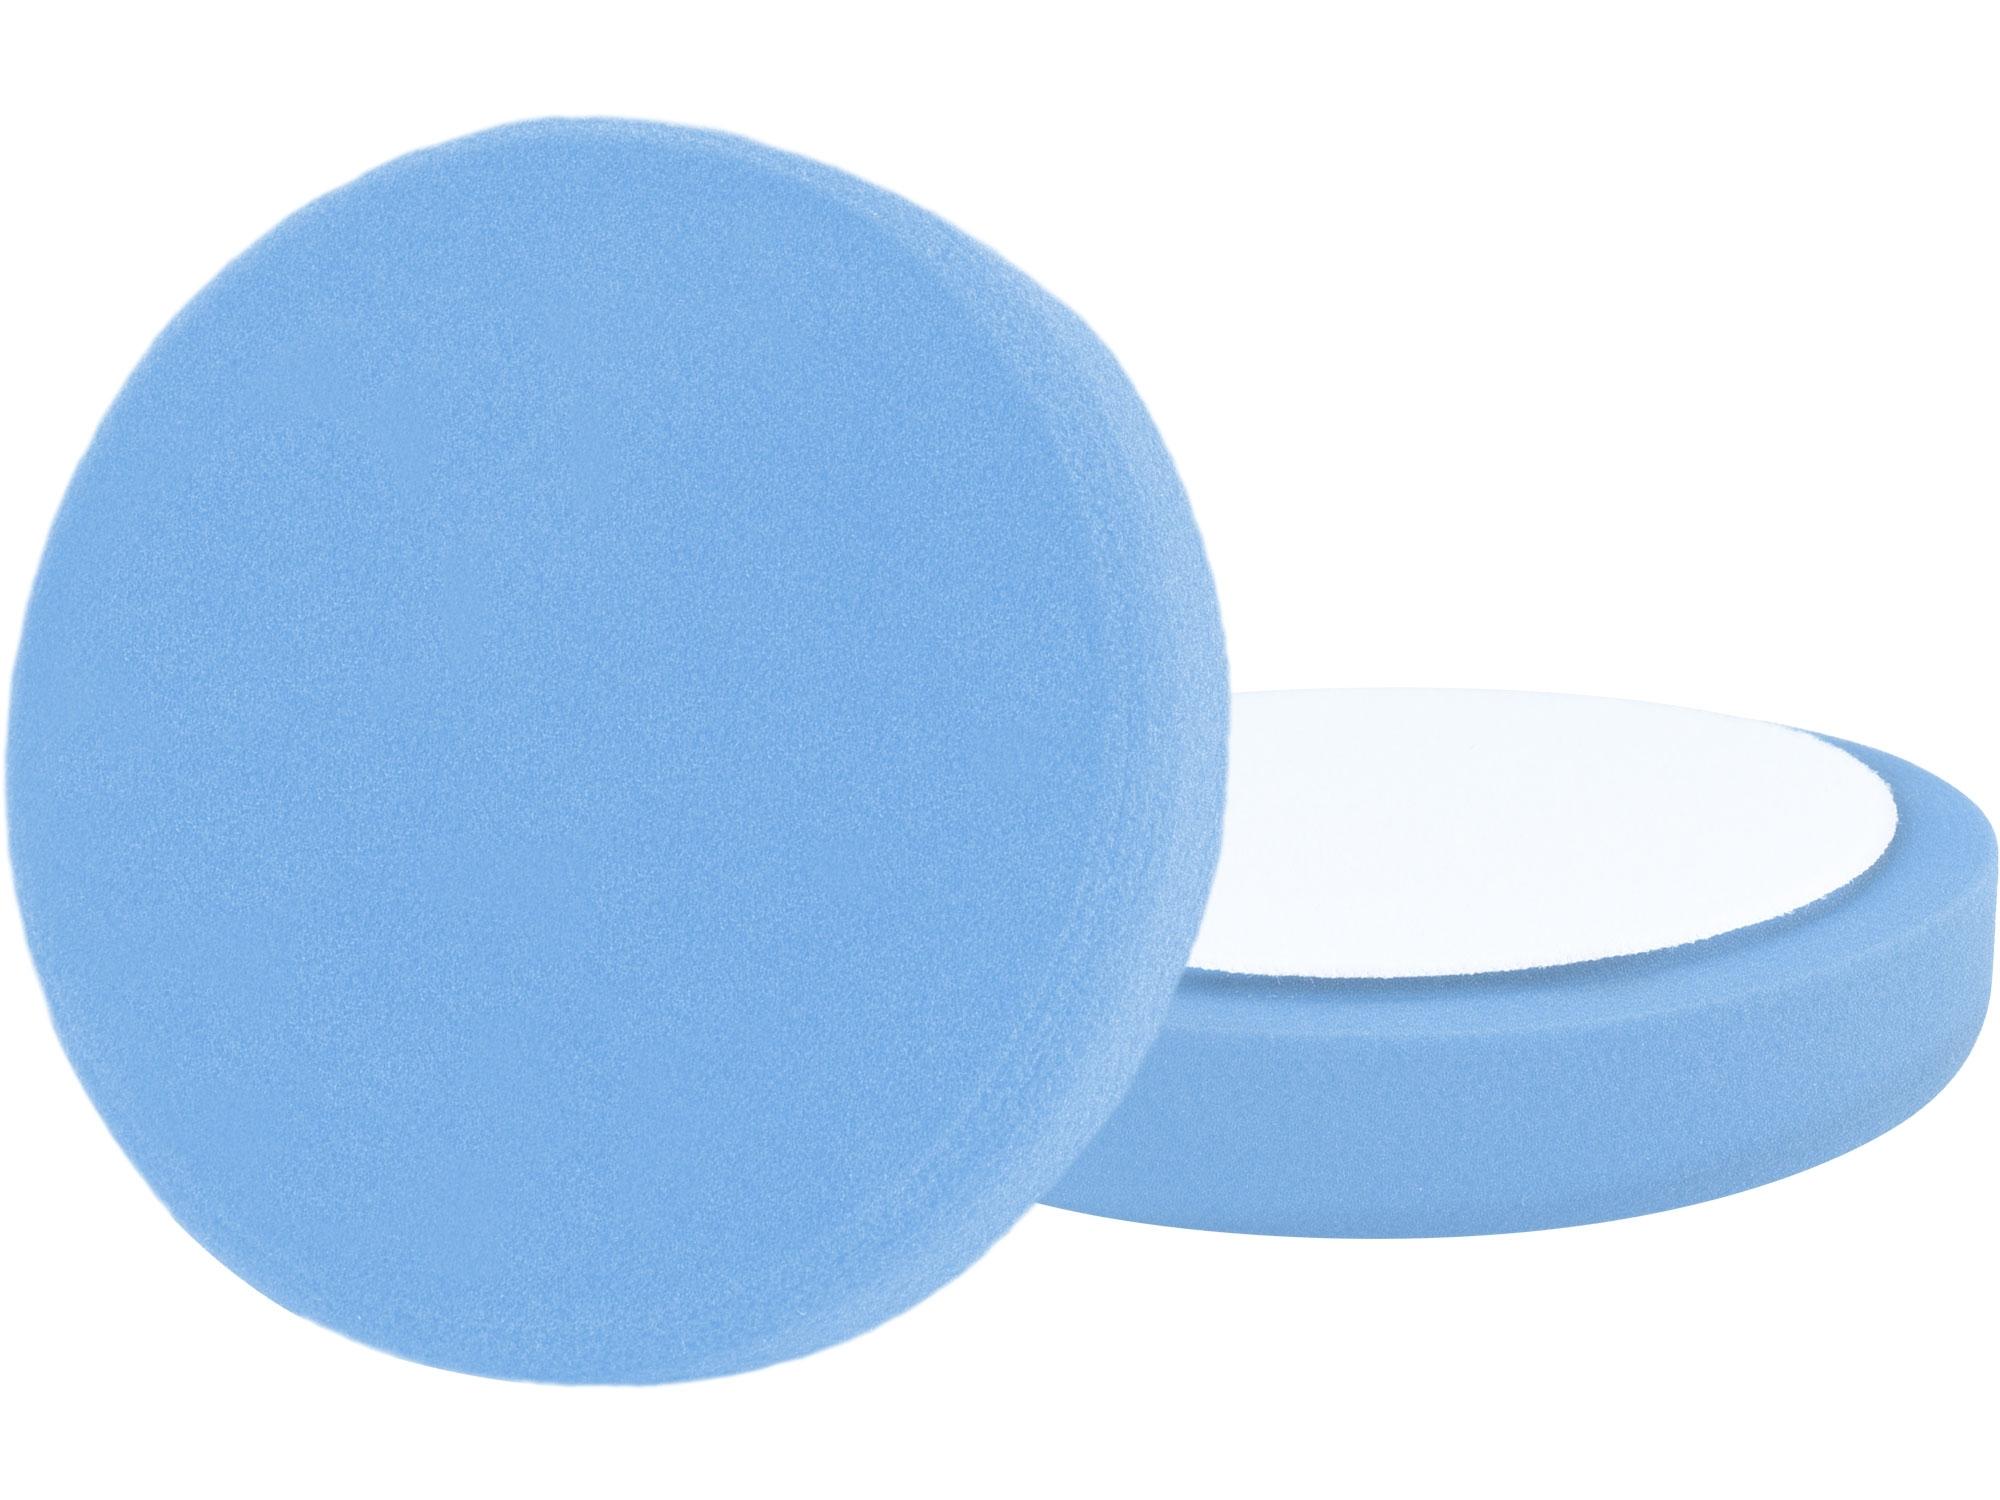 kotouč leštící pěnový, T60, modrý, O180x30mm, suchý zip O150mm